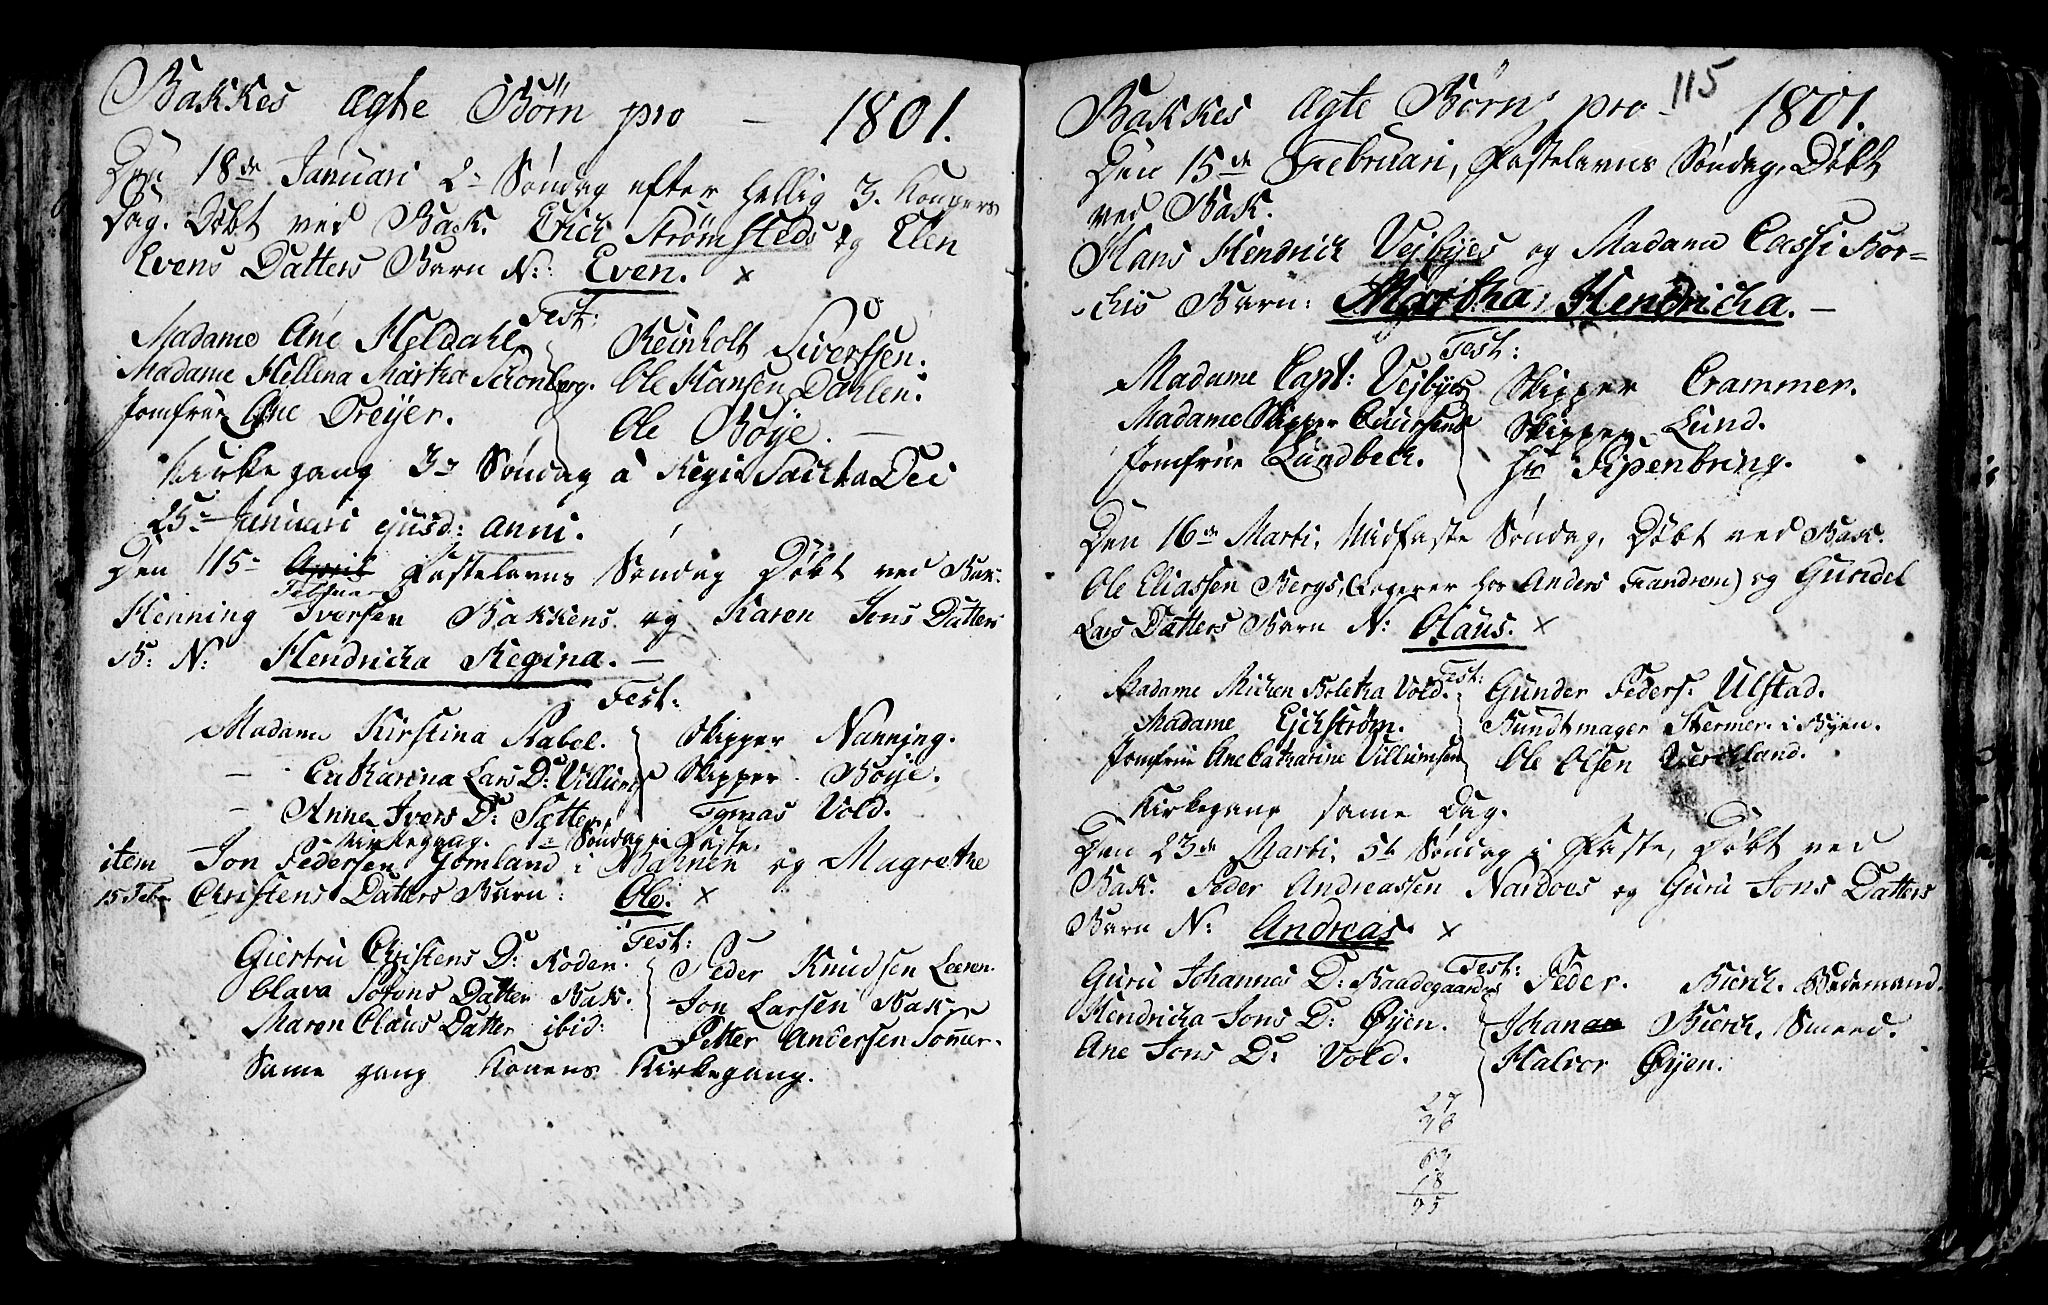 SAT, Ministerialprotokoller, klokkerbøker og fødselsregistre - Sør-Trøndelag, 604/L0218: Klokkerbok nr. 604C01, 1754-1819, s. 115